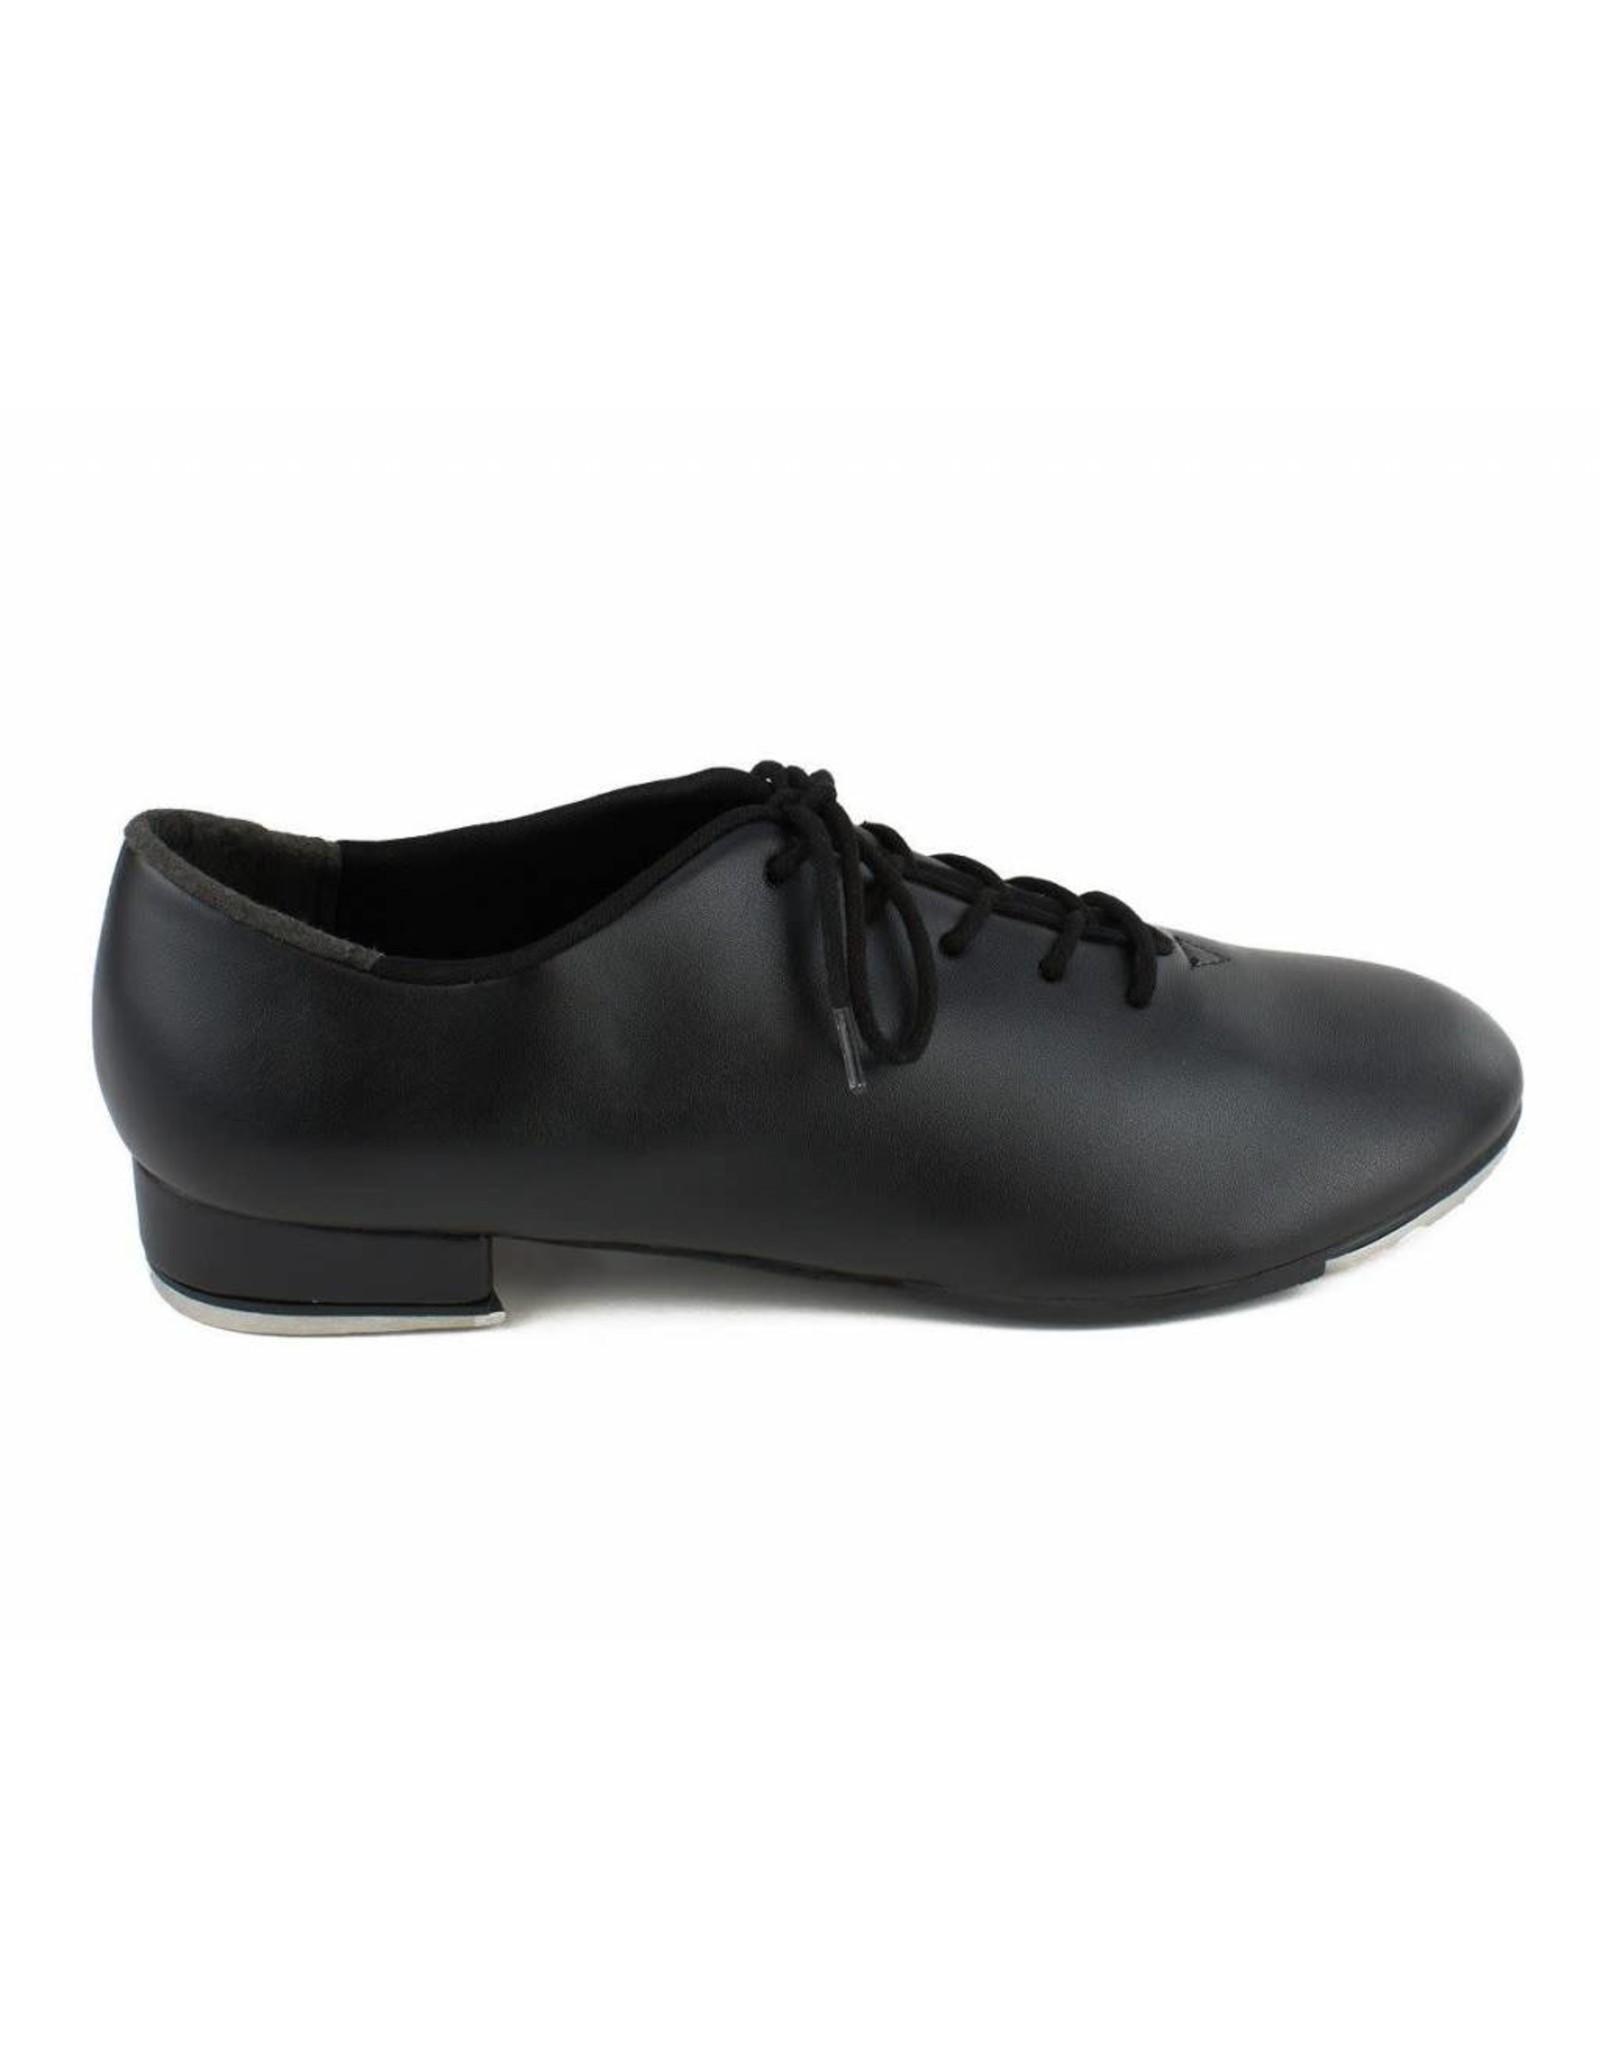 SoDanća TA05 ADULT OXFORD (LACE) Tap Shoes BLACK